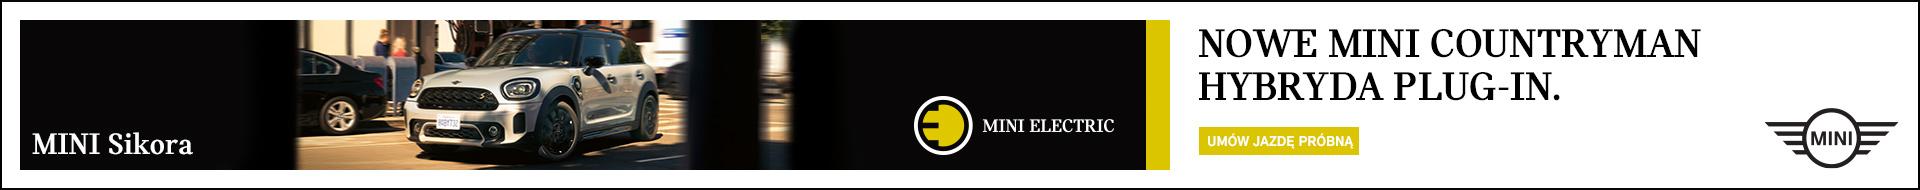 Mini_bwm